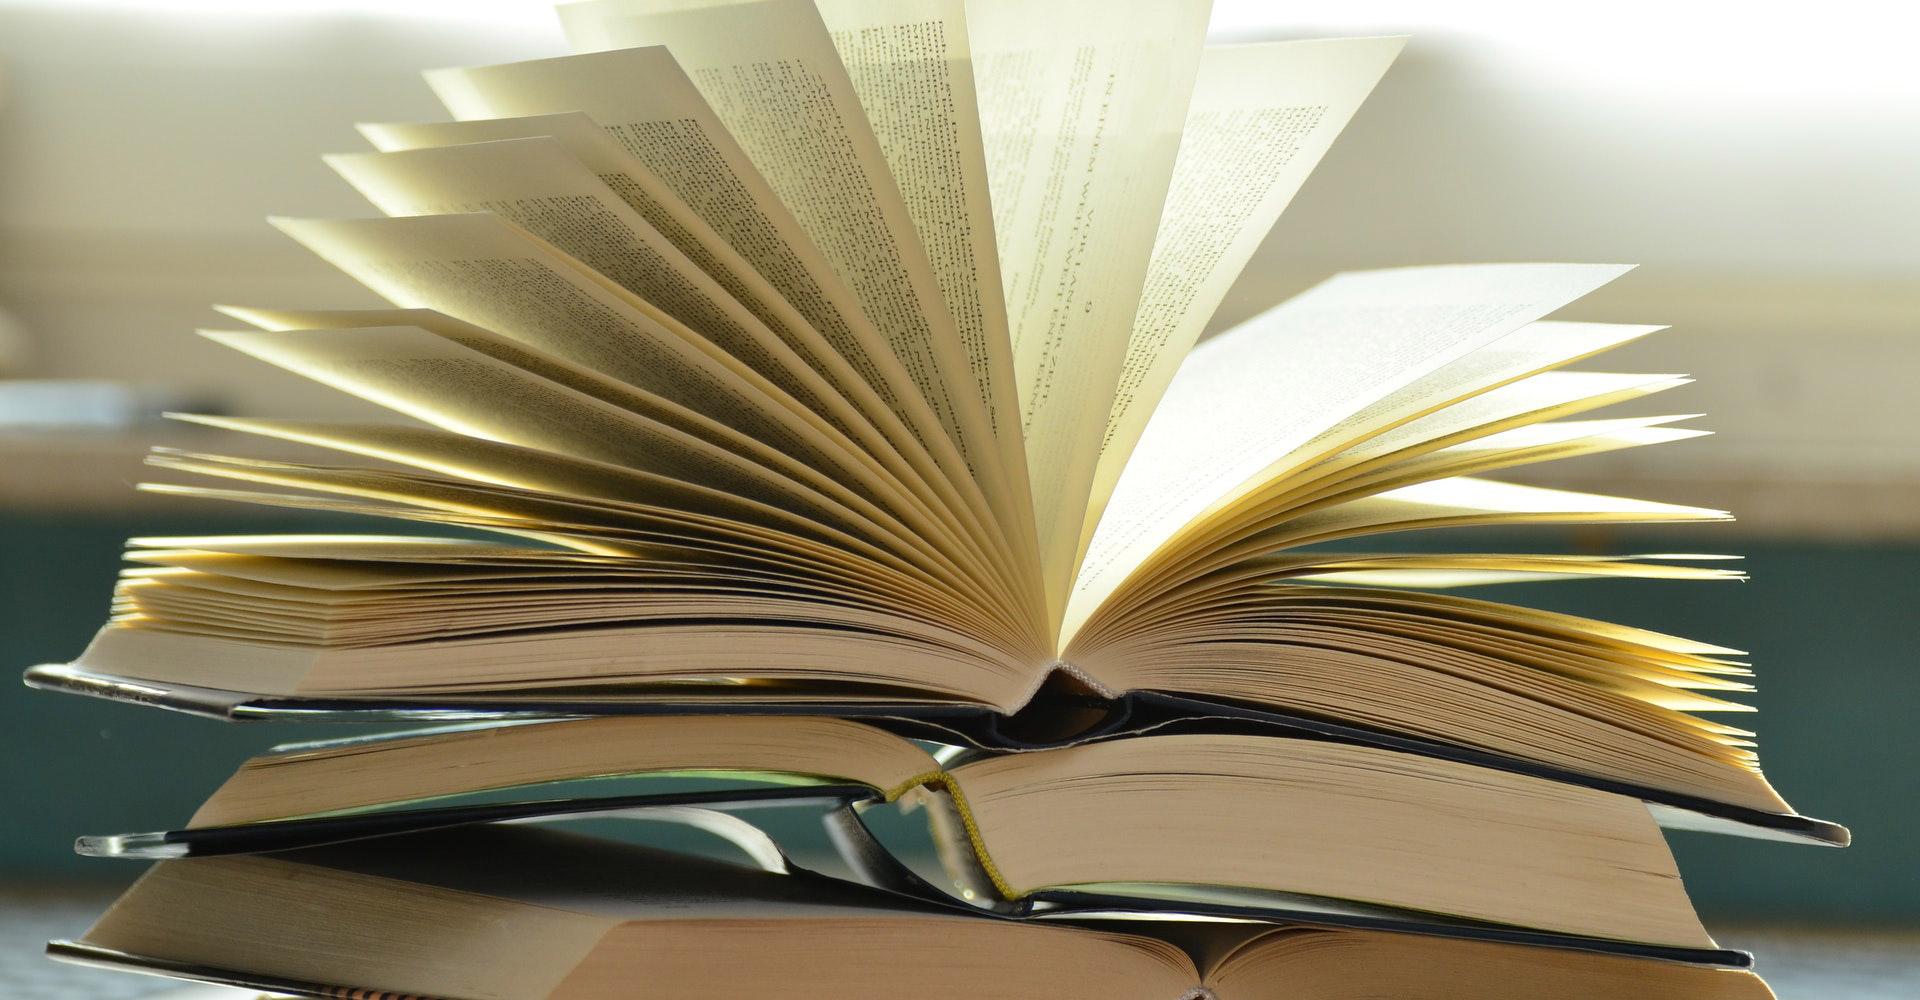 stm-books